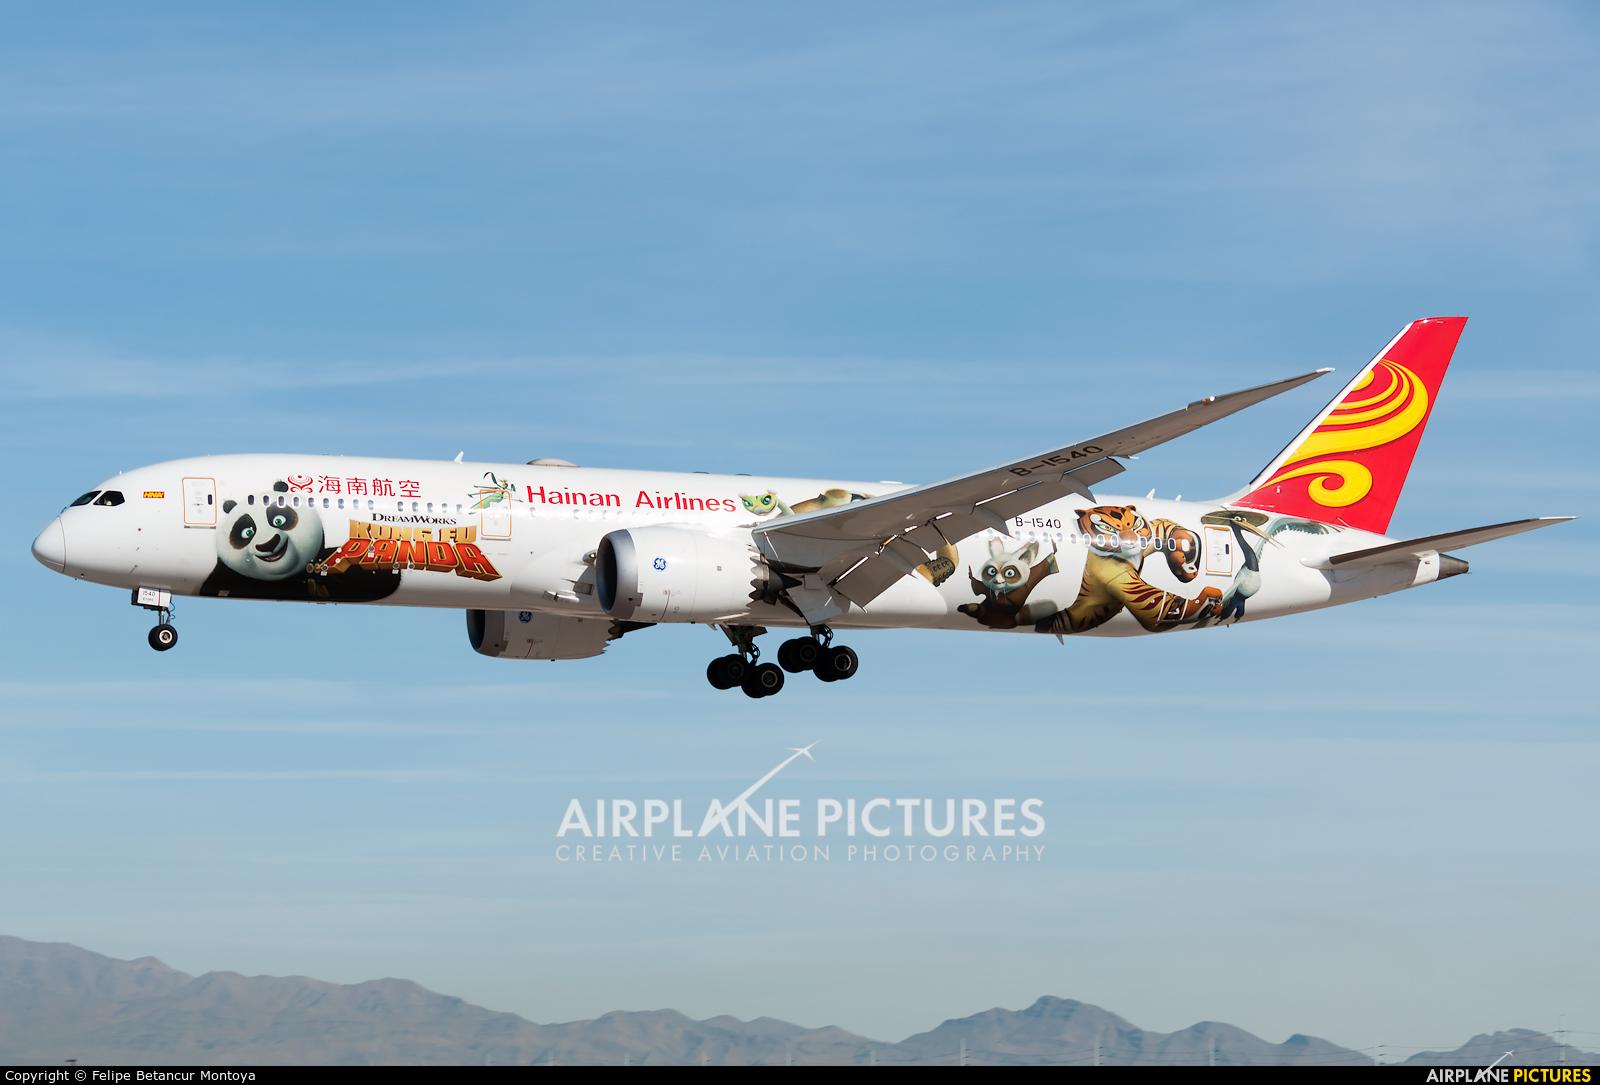 Hainan Airlines B-1540 aircraft at Las Vegas - McCarran Intl